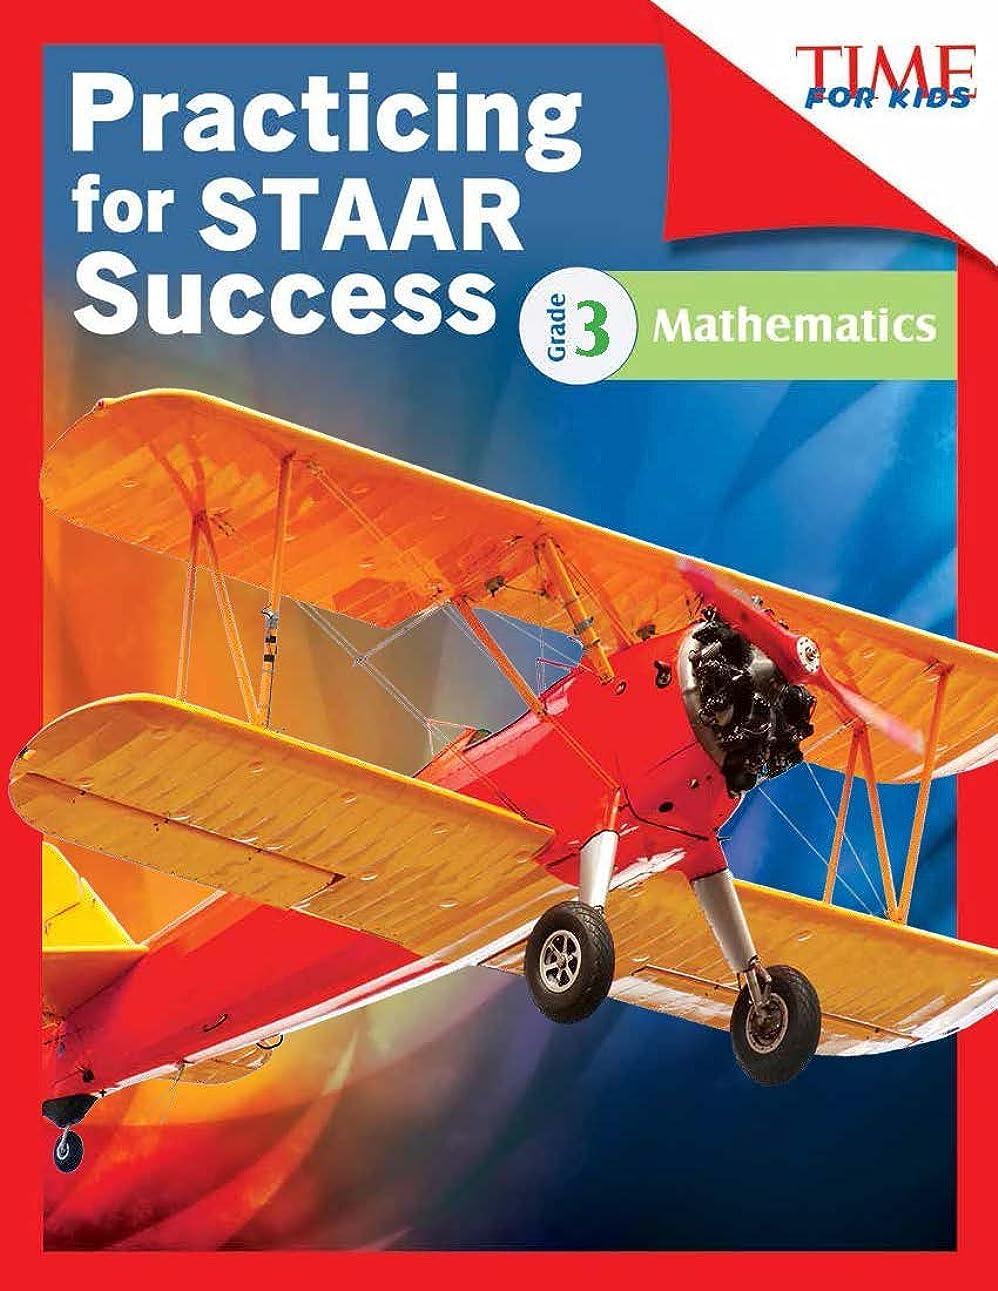 縮約リング豊かにするTIME FOR KIDS? Practicing for STAAR Success: Mathematics: Grade 3 (Classroom Resources) (English Edition)